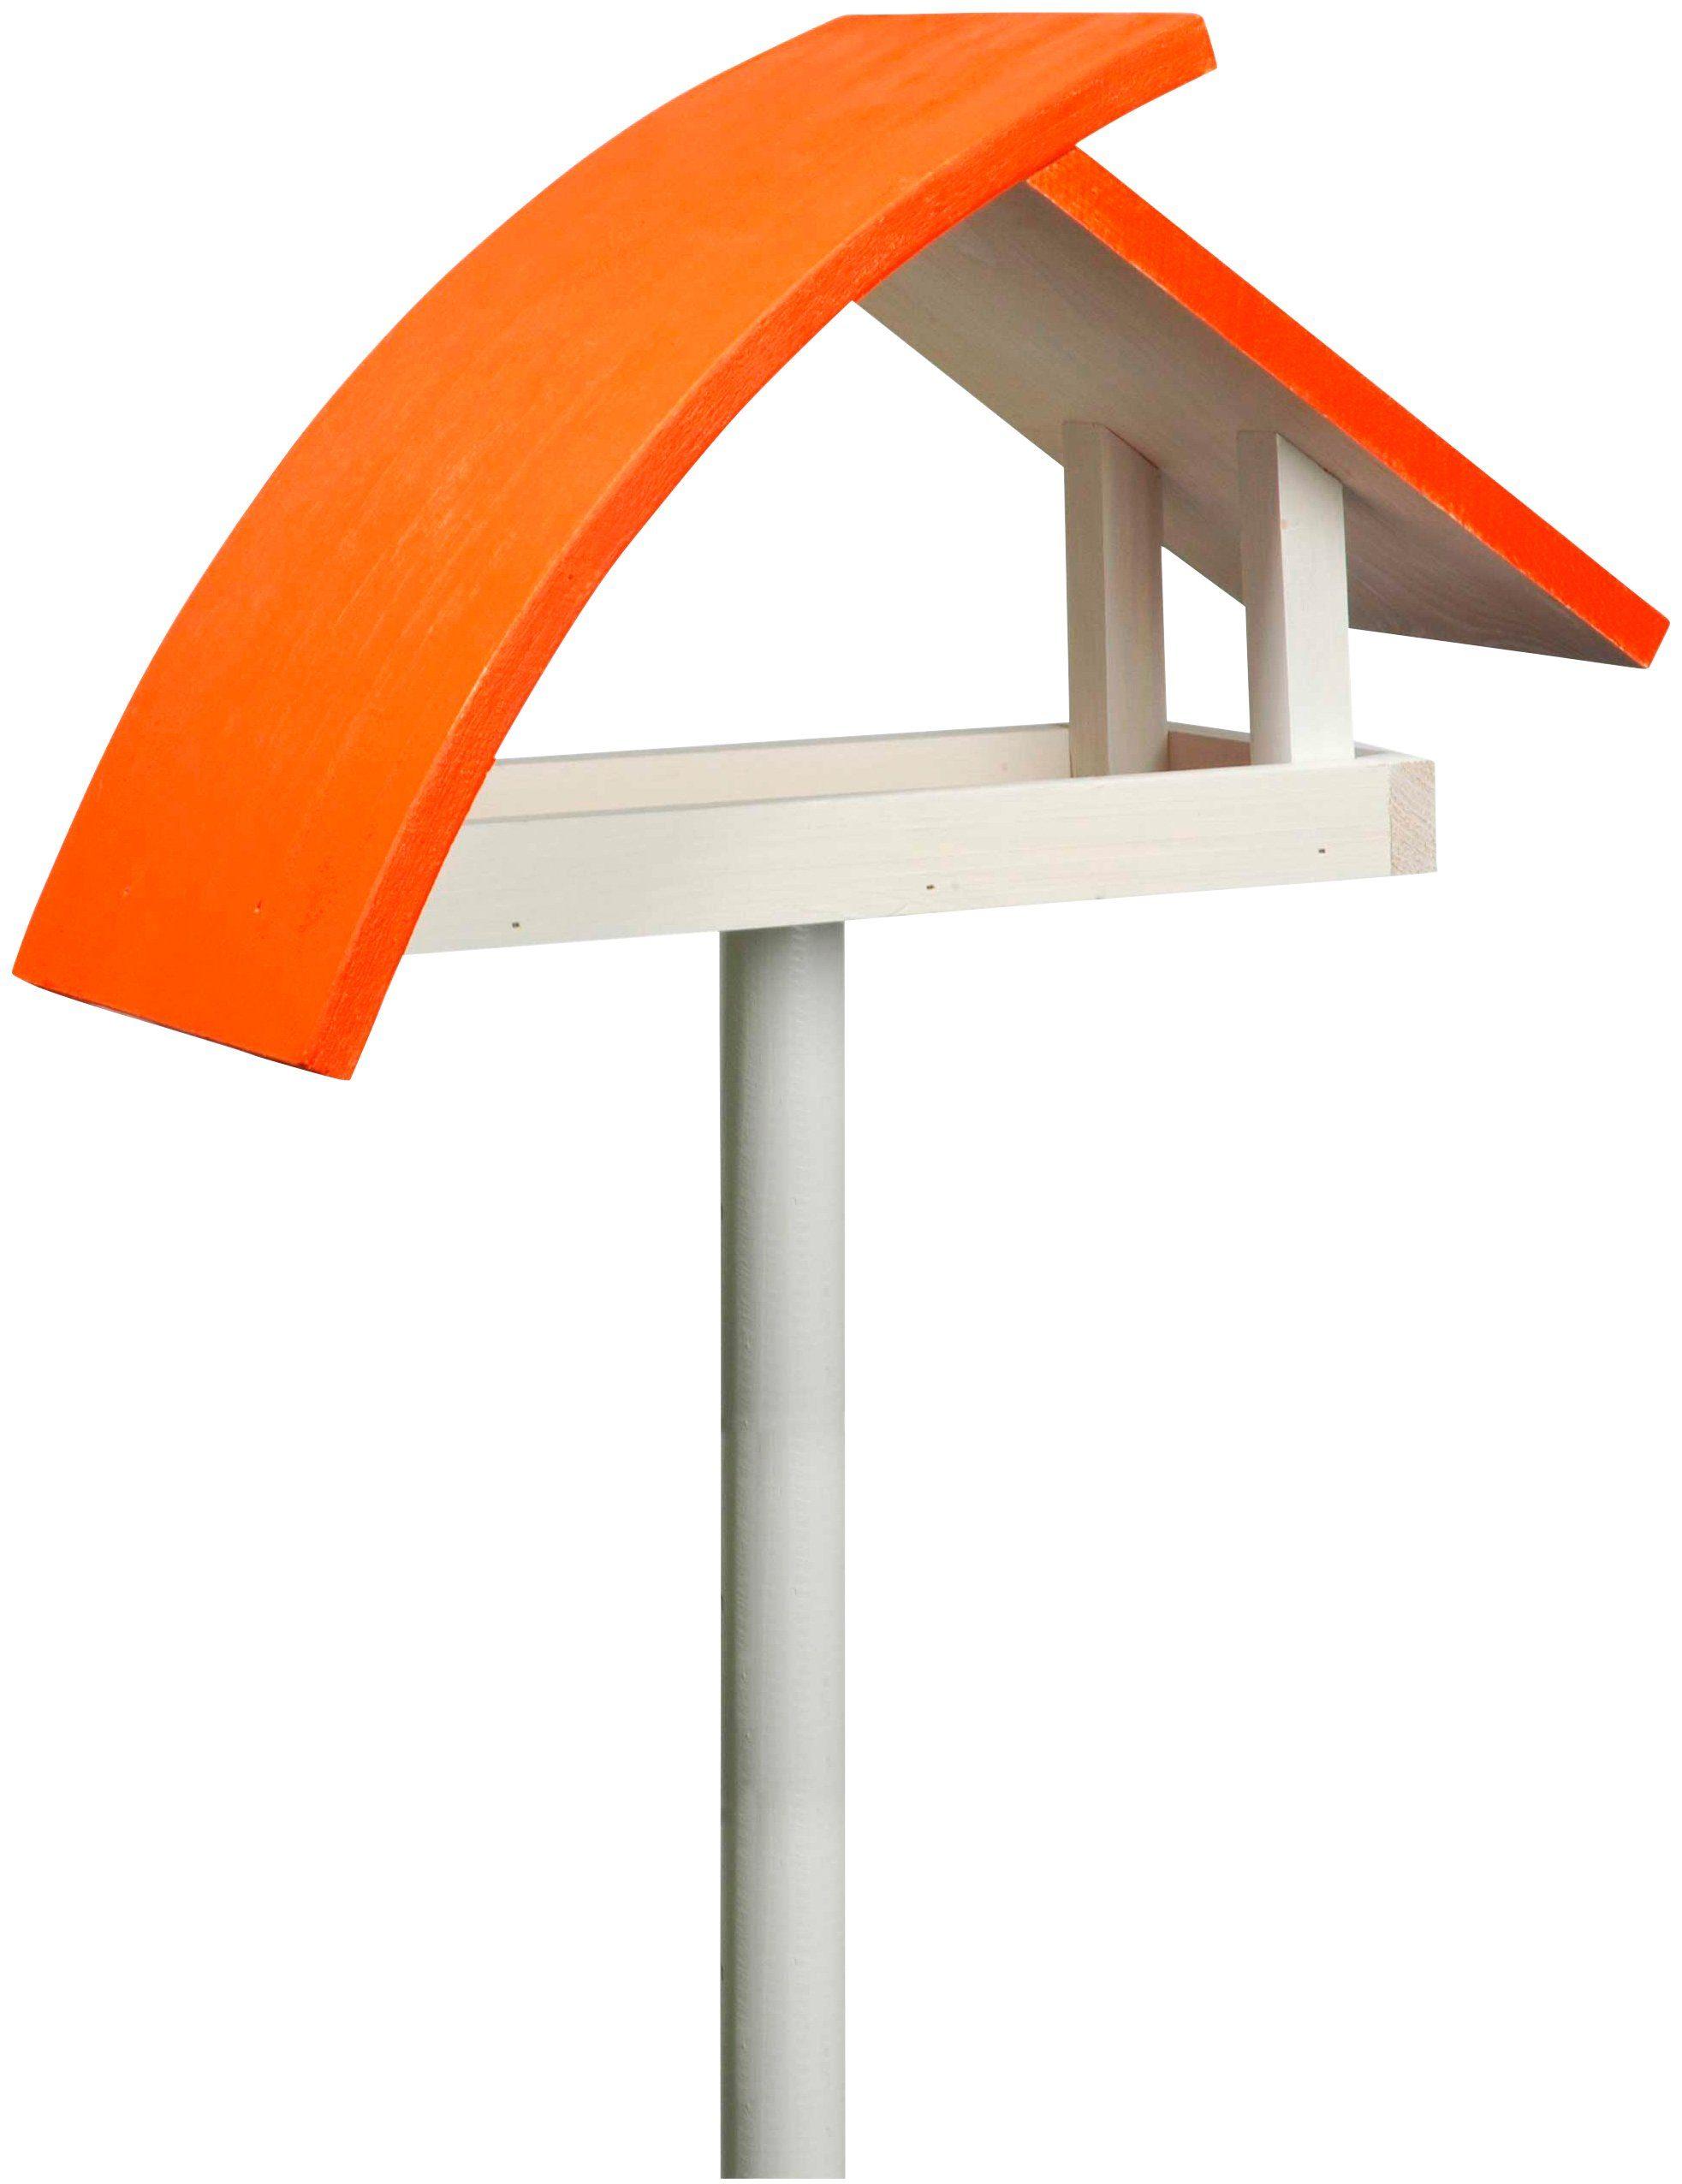 LUXUS-VOGELHAUS Vogelhaus »New Wave«, mit Standbein, BxTxH: 39x18x184 cm